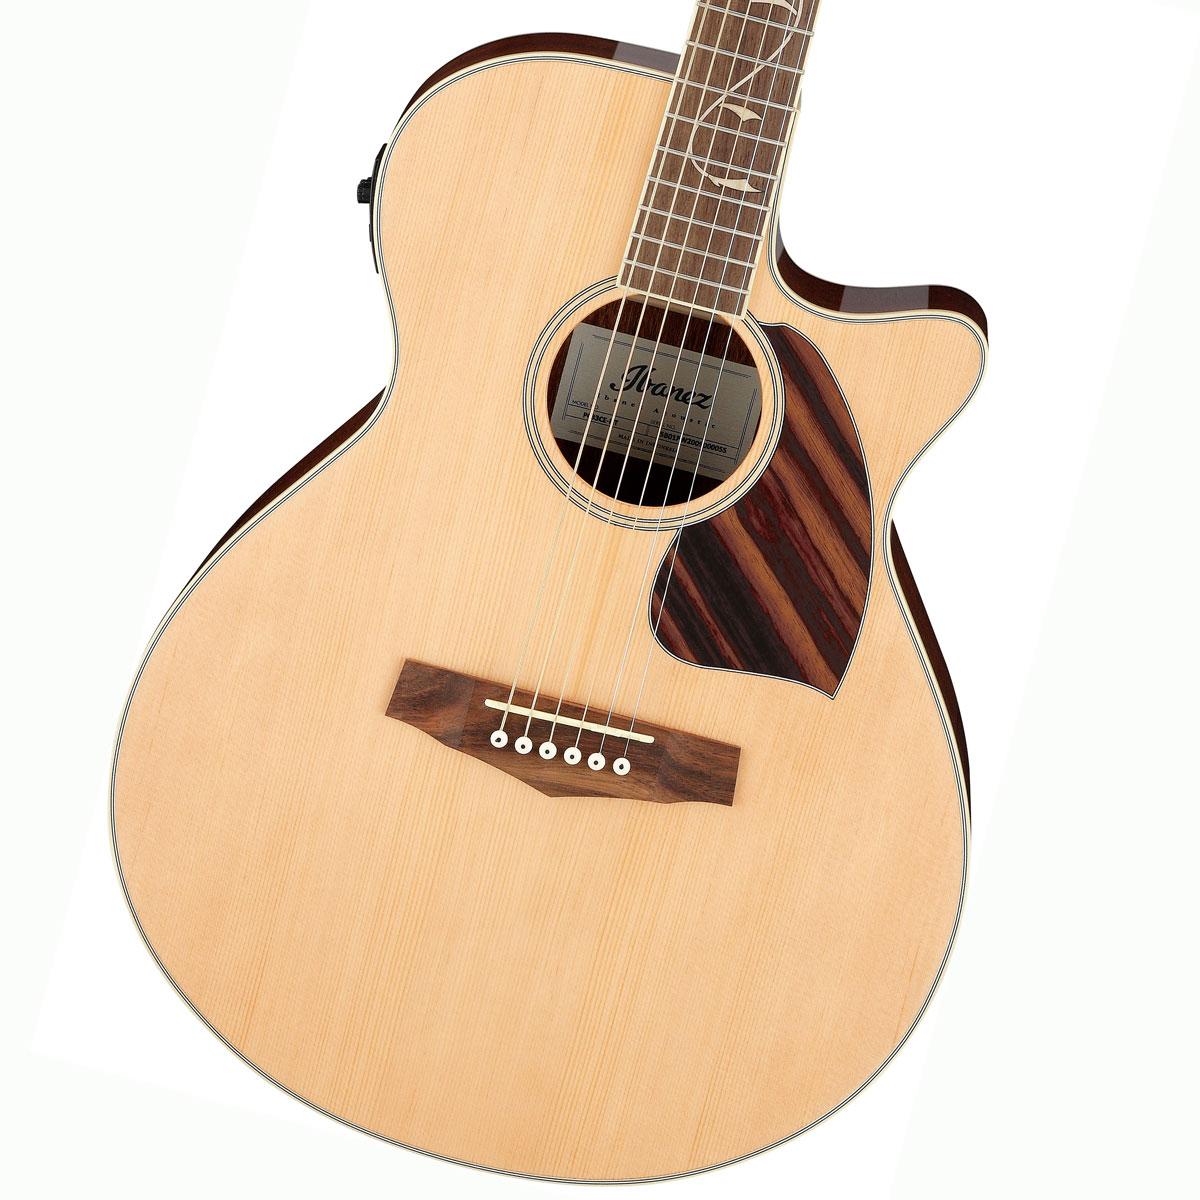 在庫有り 即日出荷 Ibanez PC33CE-NT Natural High アコースティックギター 登場大人気アイテム 新製品 エレアコ PC33CE アイバニーズ